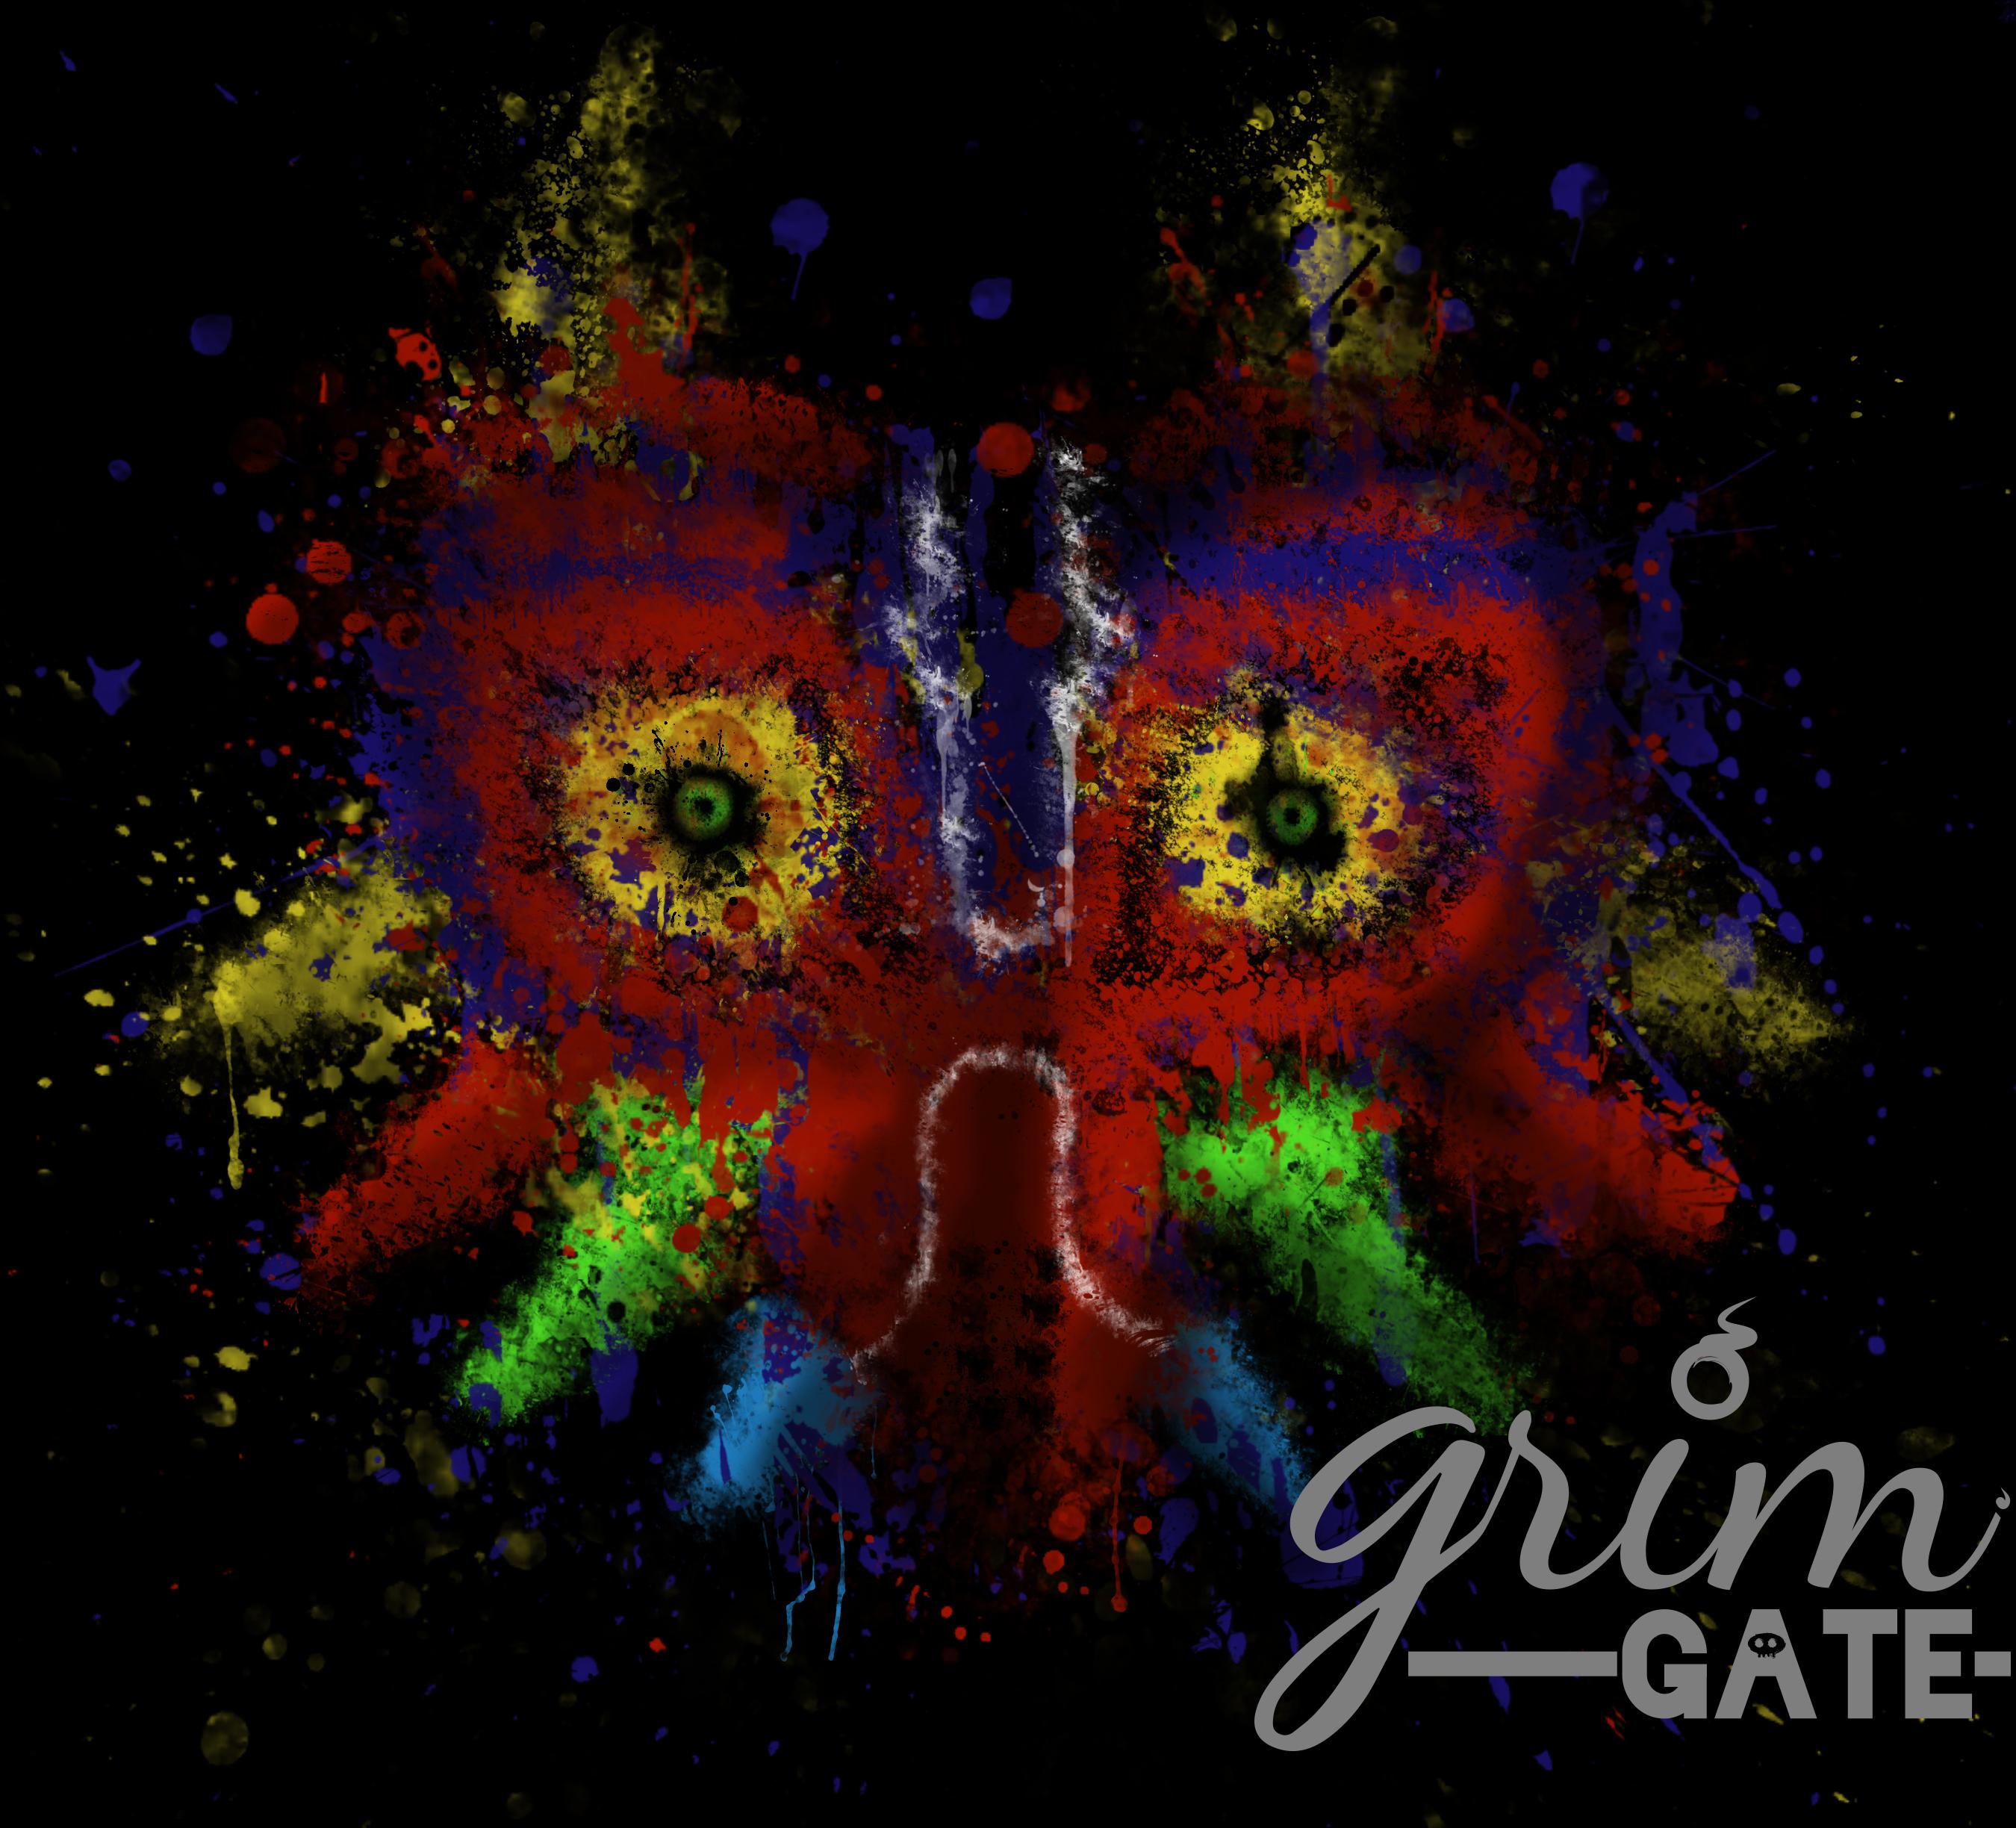 Majora's Mask Grunge